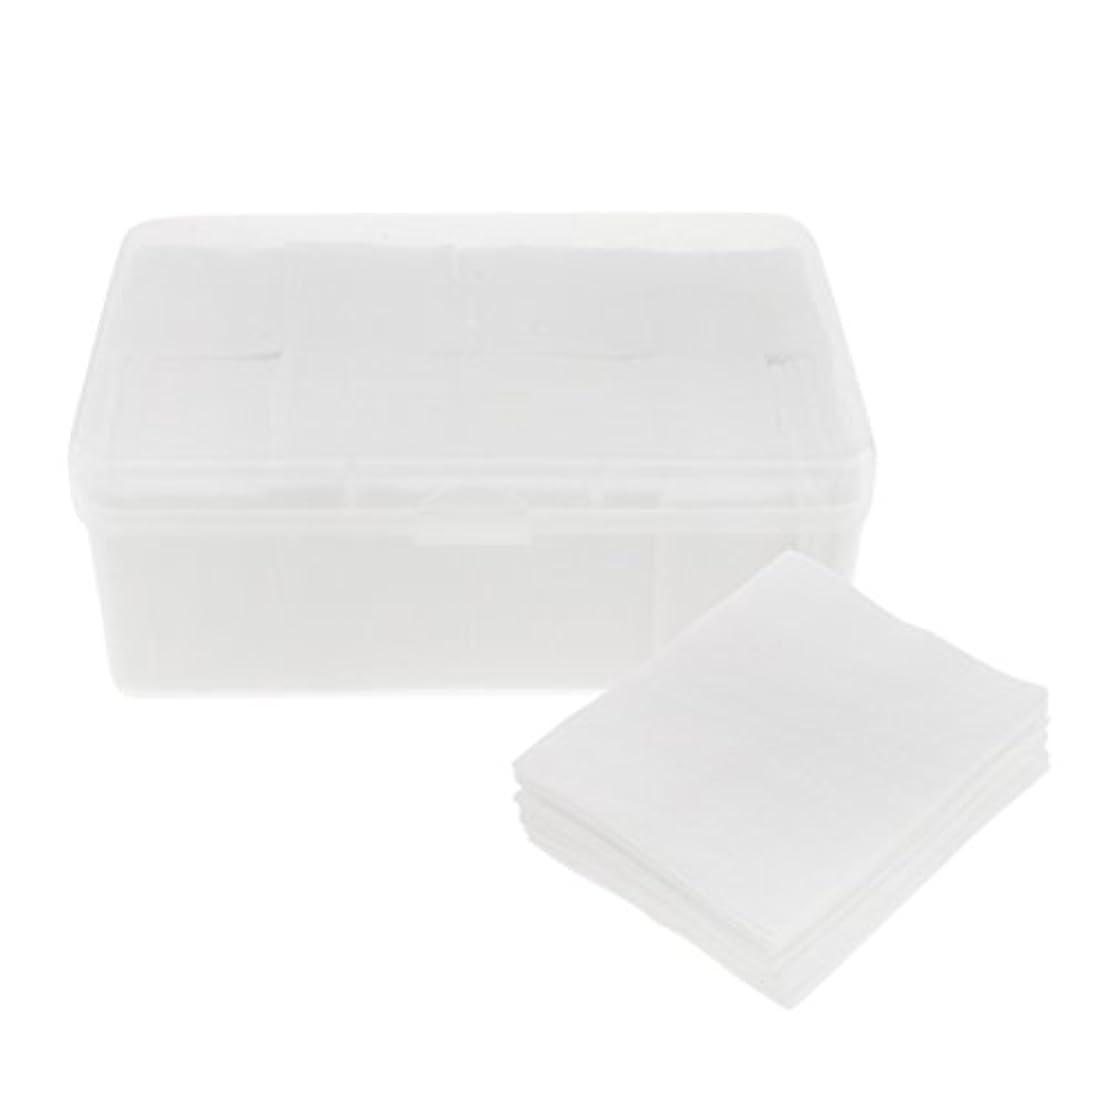 タイマーマチュピチュ砂利Fenteer 約1000枚 コットンパッド 化粧パッド メイクアップ メイク落とし スキンケア